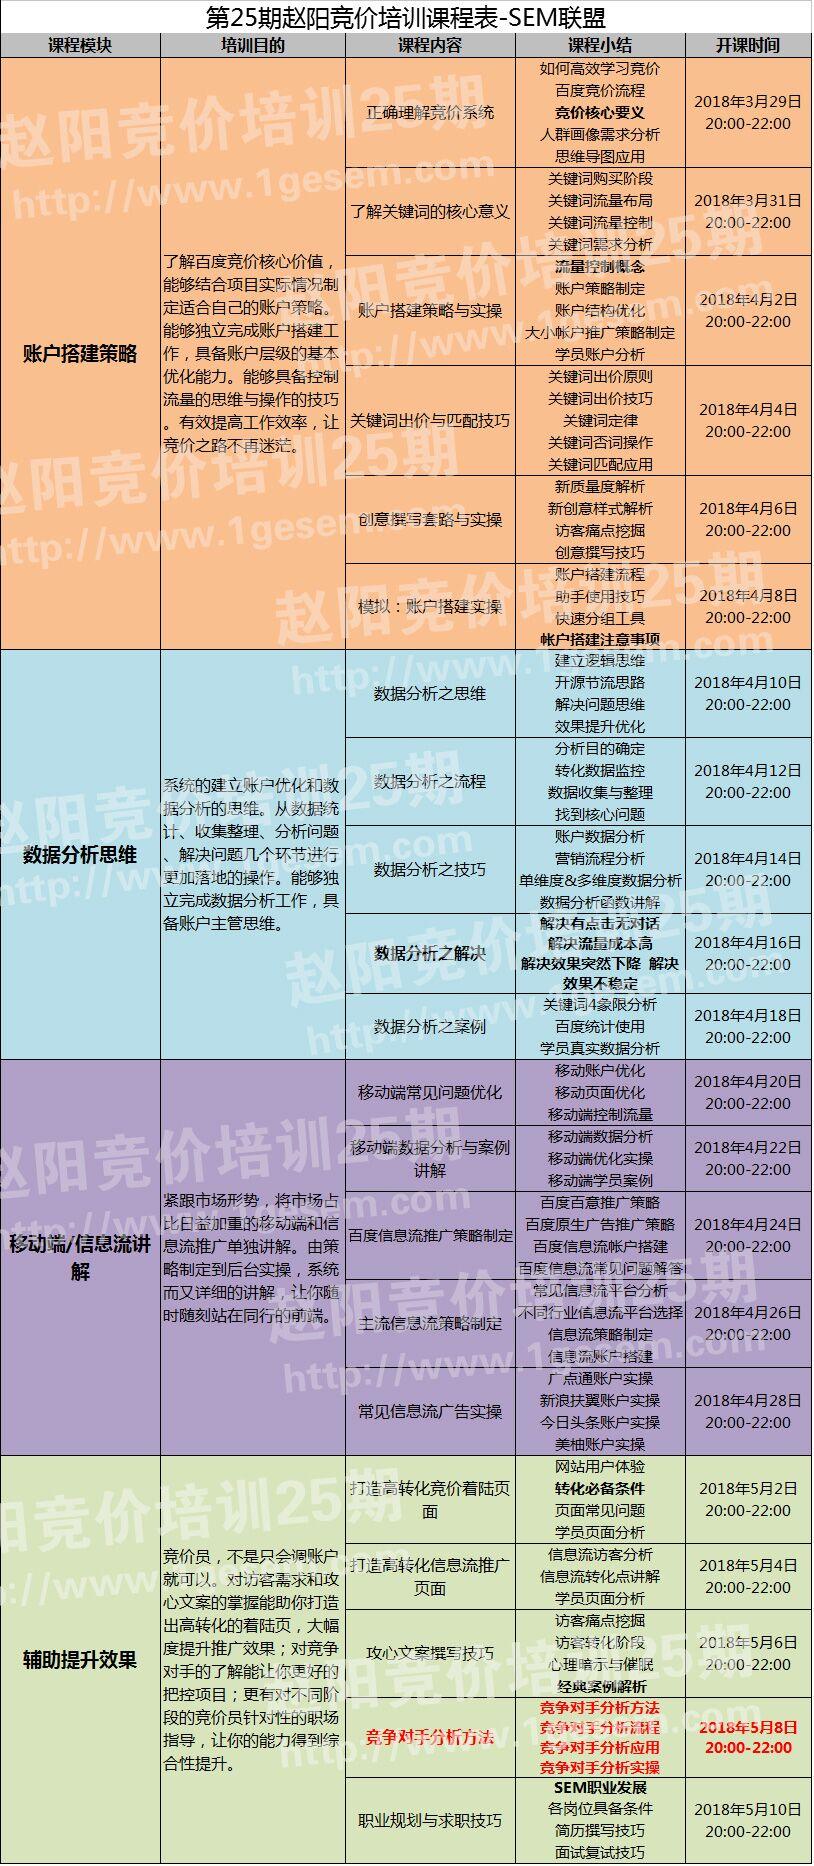 赵阳竞价培训25期课程表